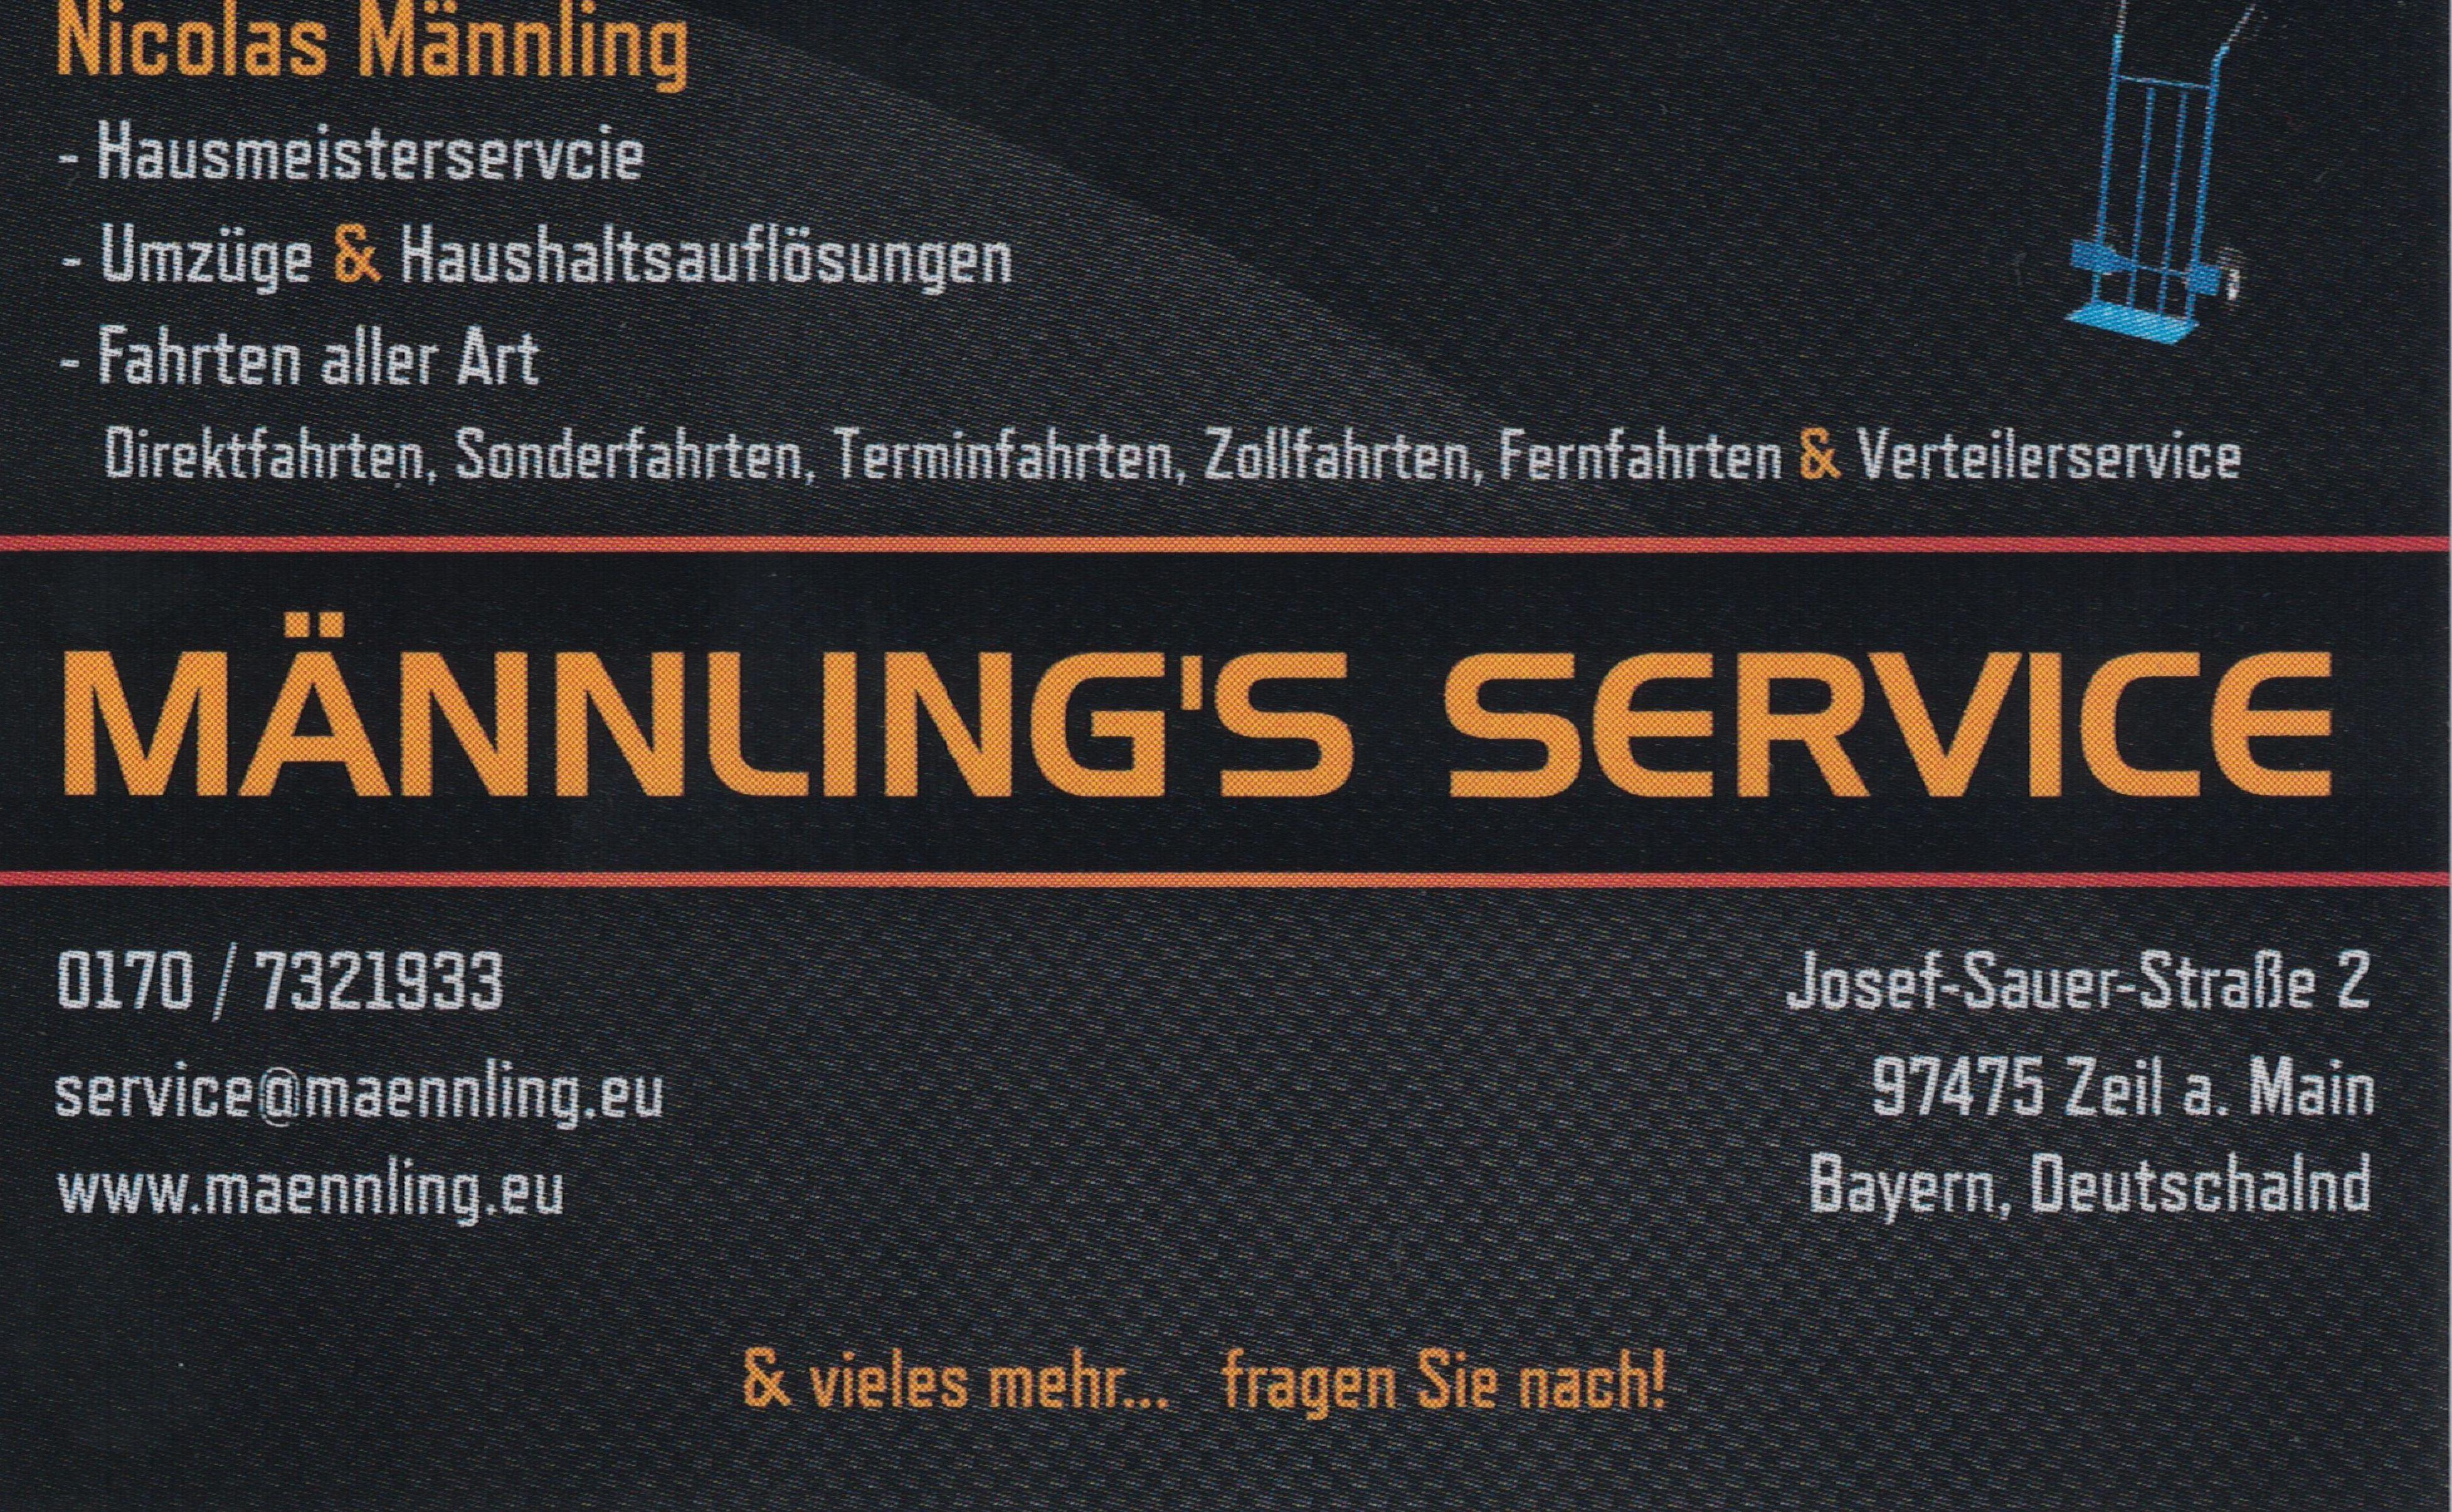 MÄNNLING'S SERVICE